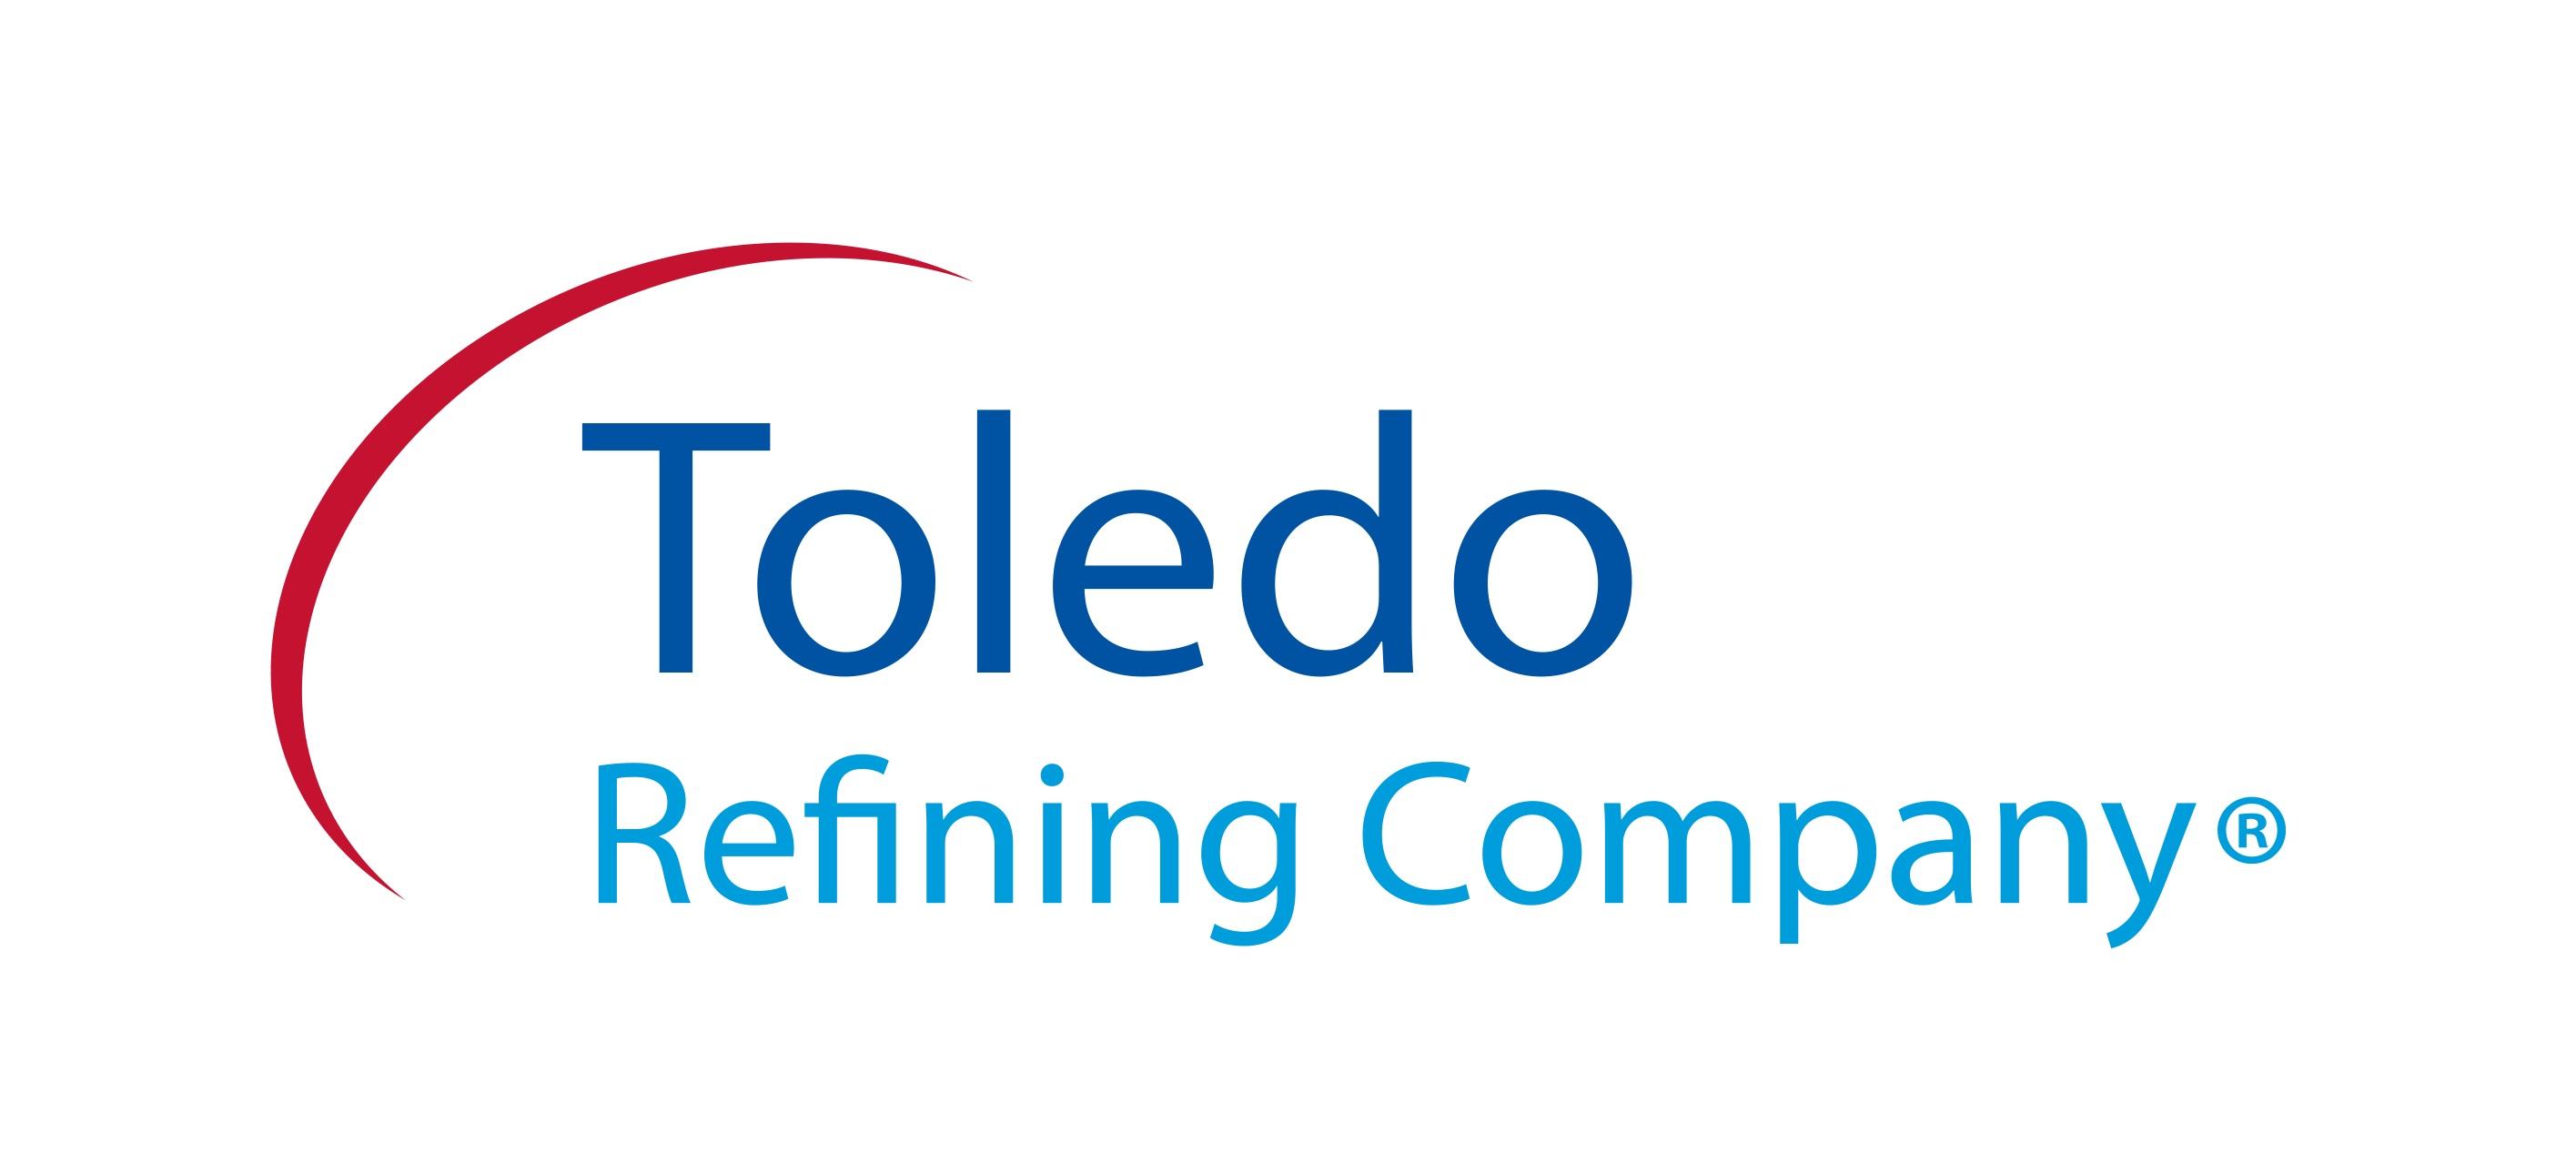 Toledo Refining Company